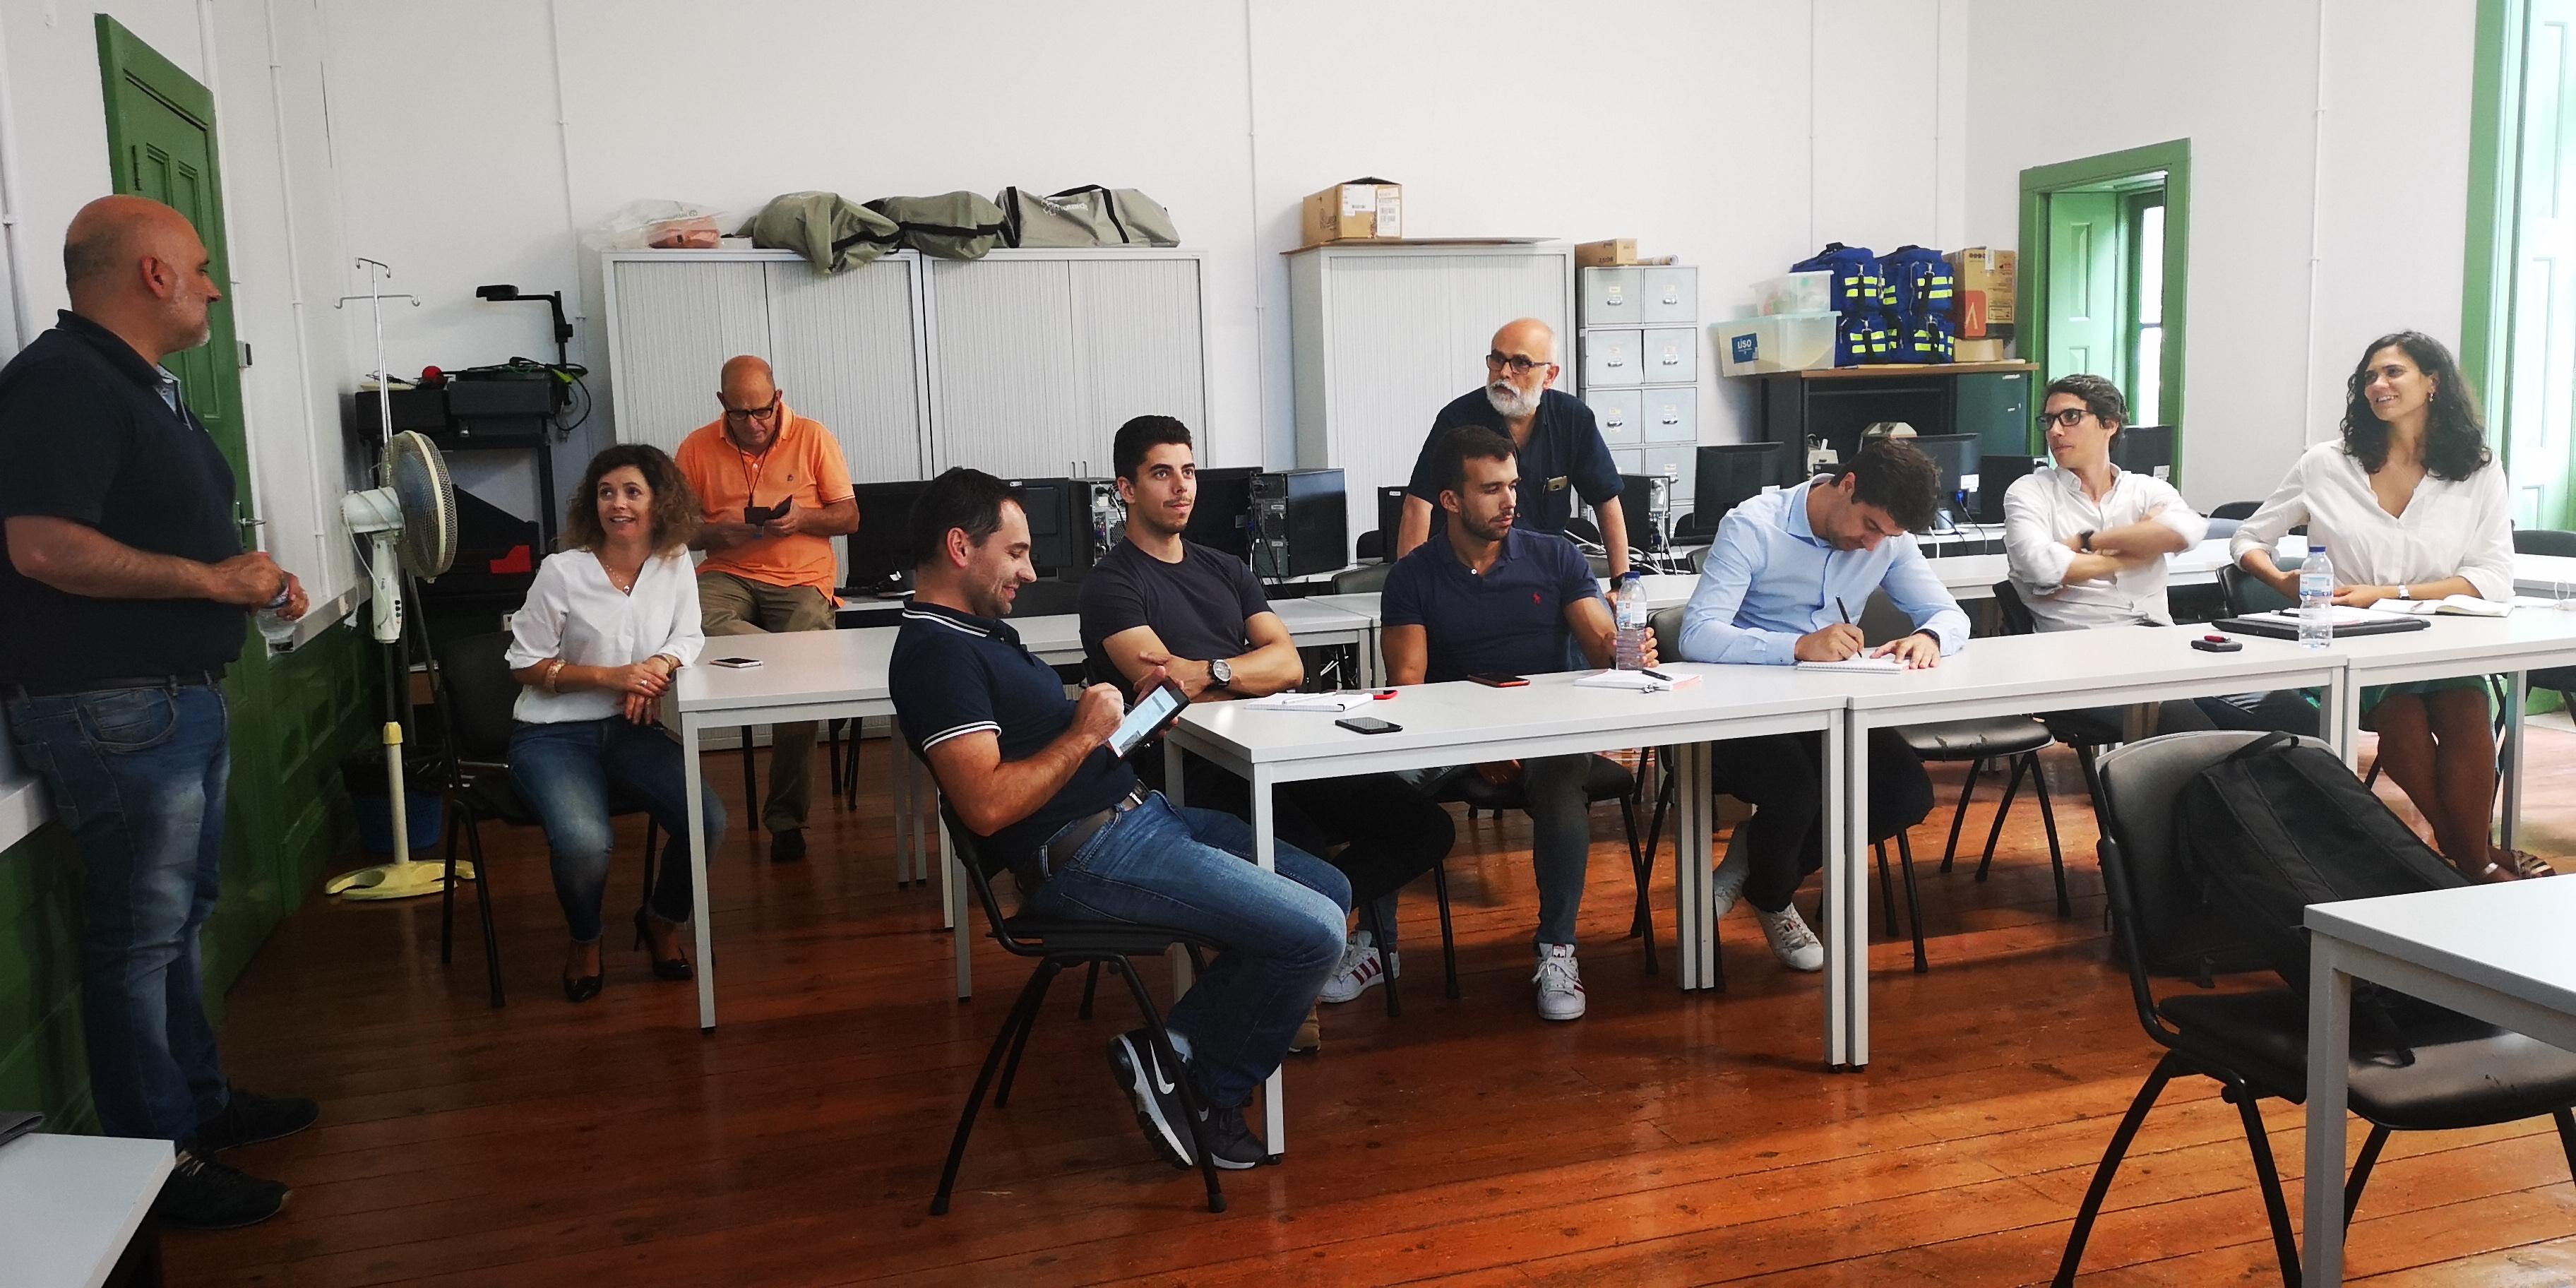 grupo em formação de sala